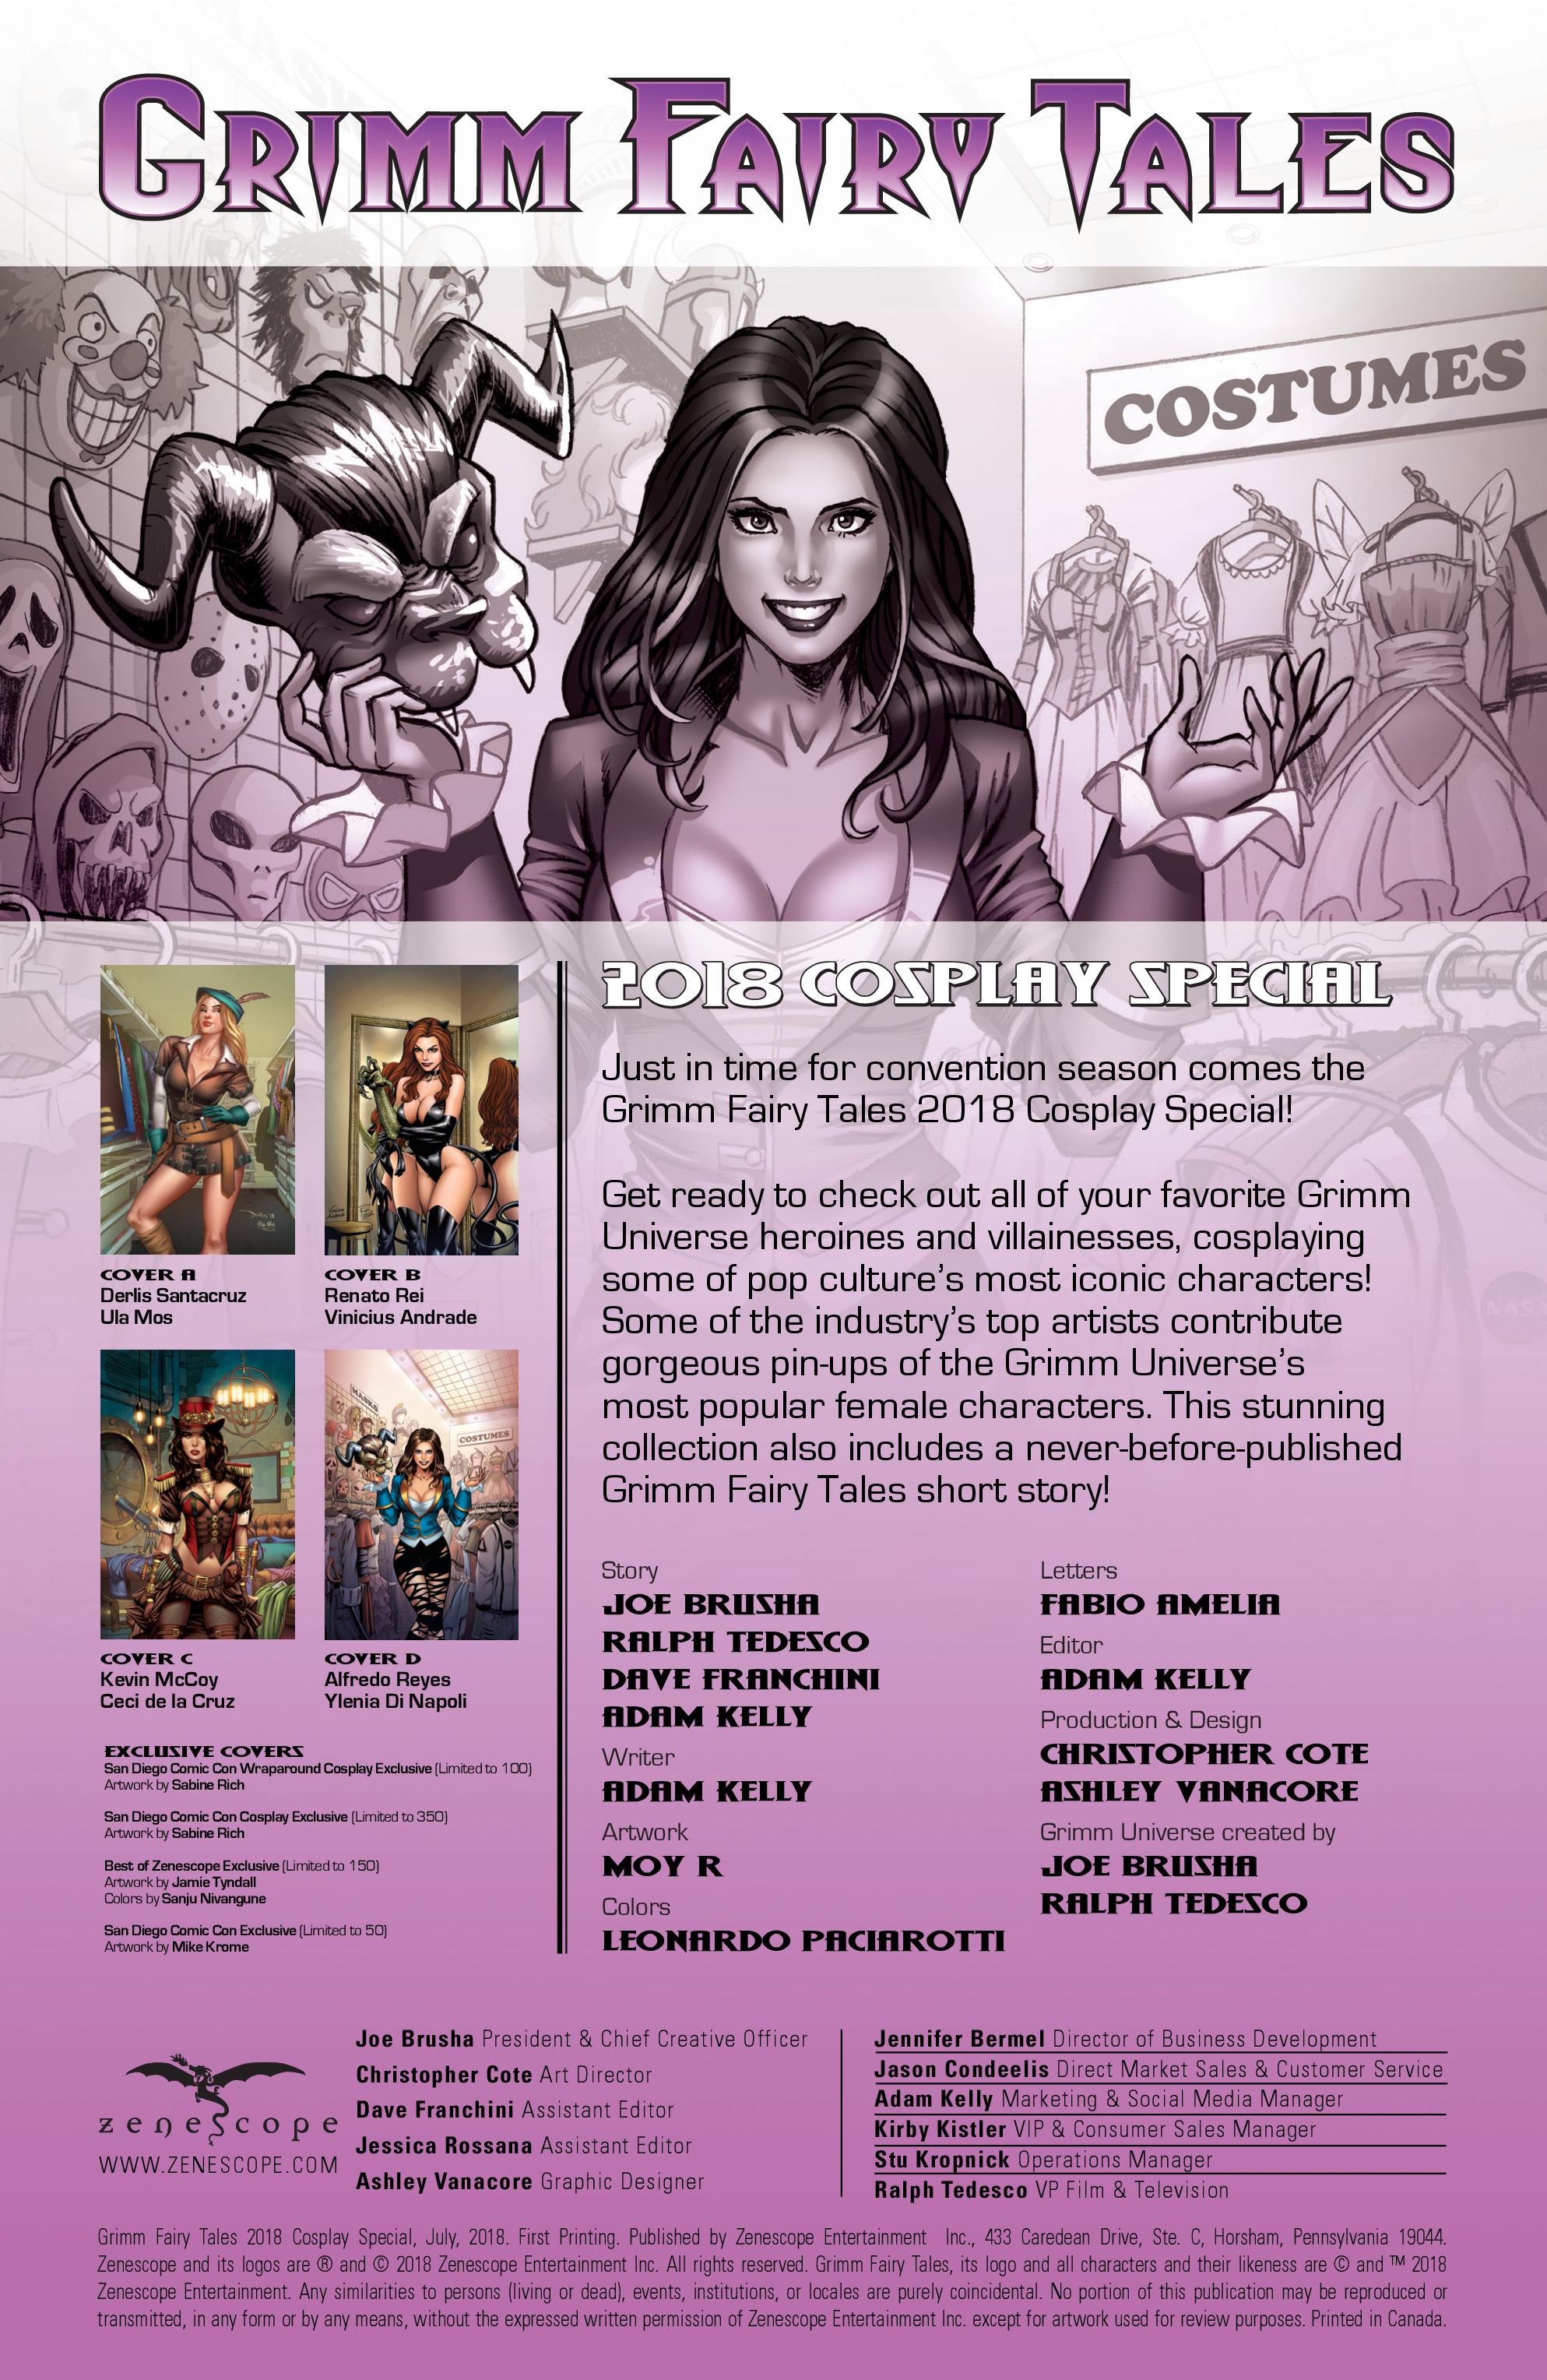 格林童话故事:2018年Cosplay Special: Chapter 1 - Page 格林童话故事:2018年Cosplay Special